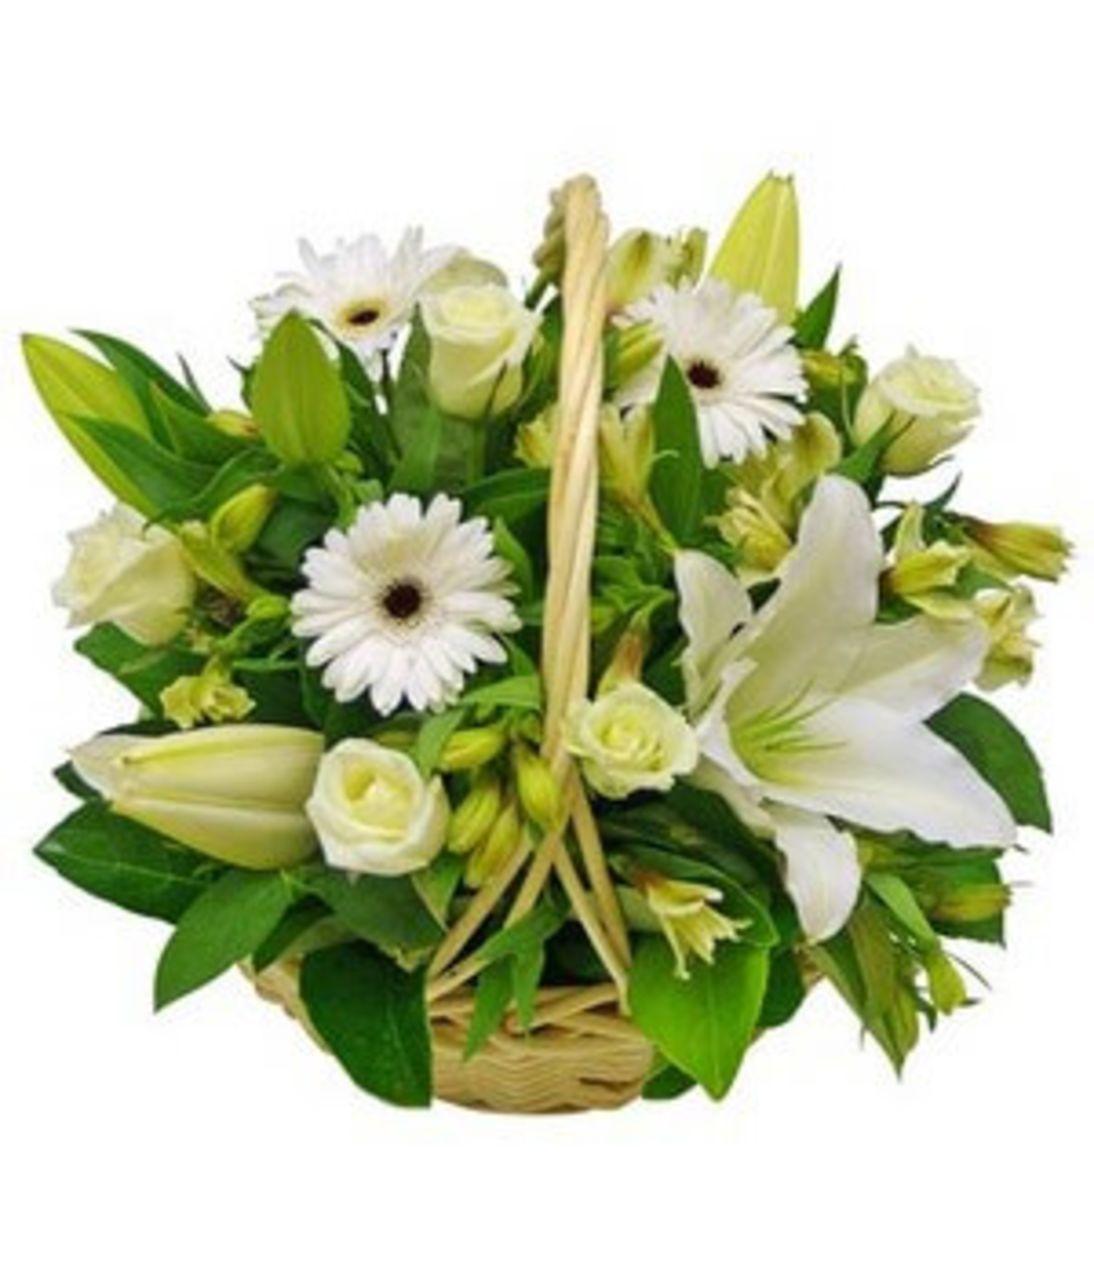 """Квіти в кошику """"Біле хмара"""". Superflowers.com.ua"""